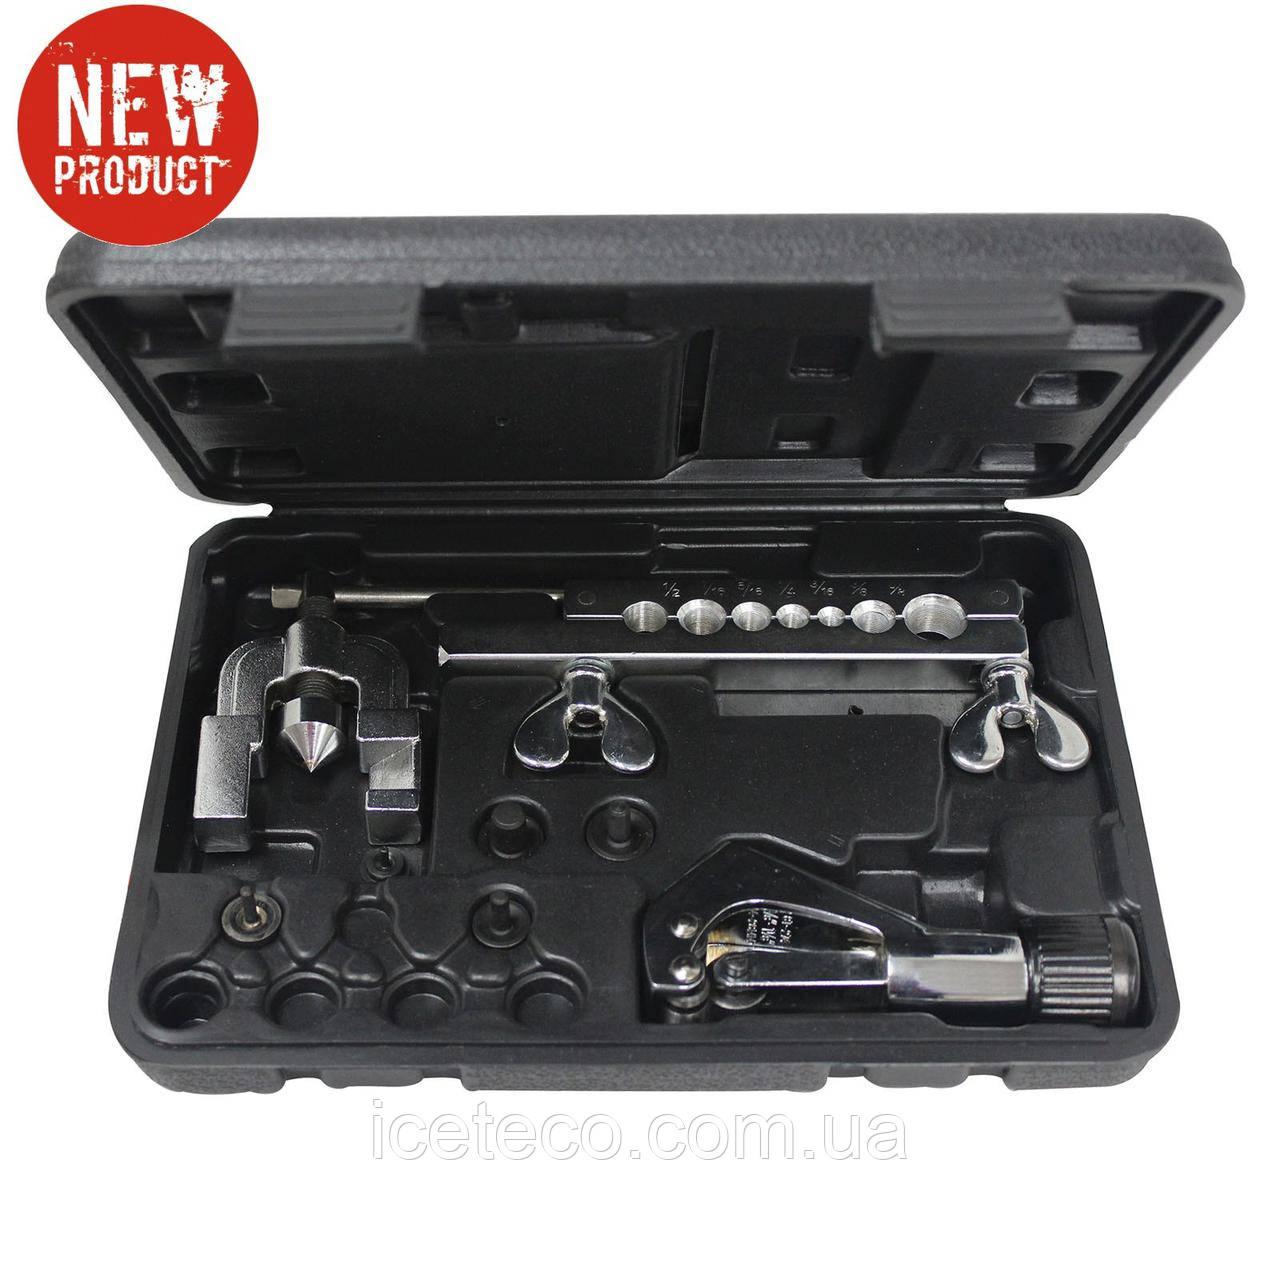 Вальцовочный комплект МС 70092 Mastercool для двойного борта, труборез в комплекте